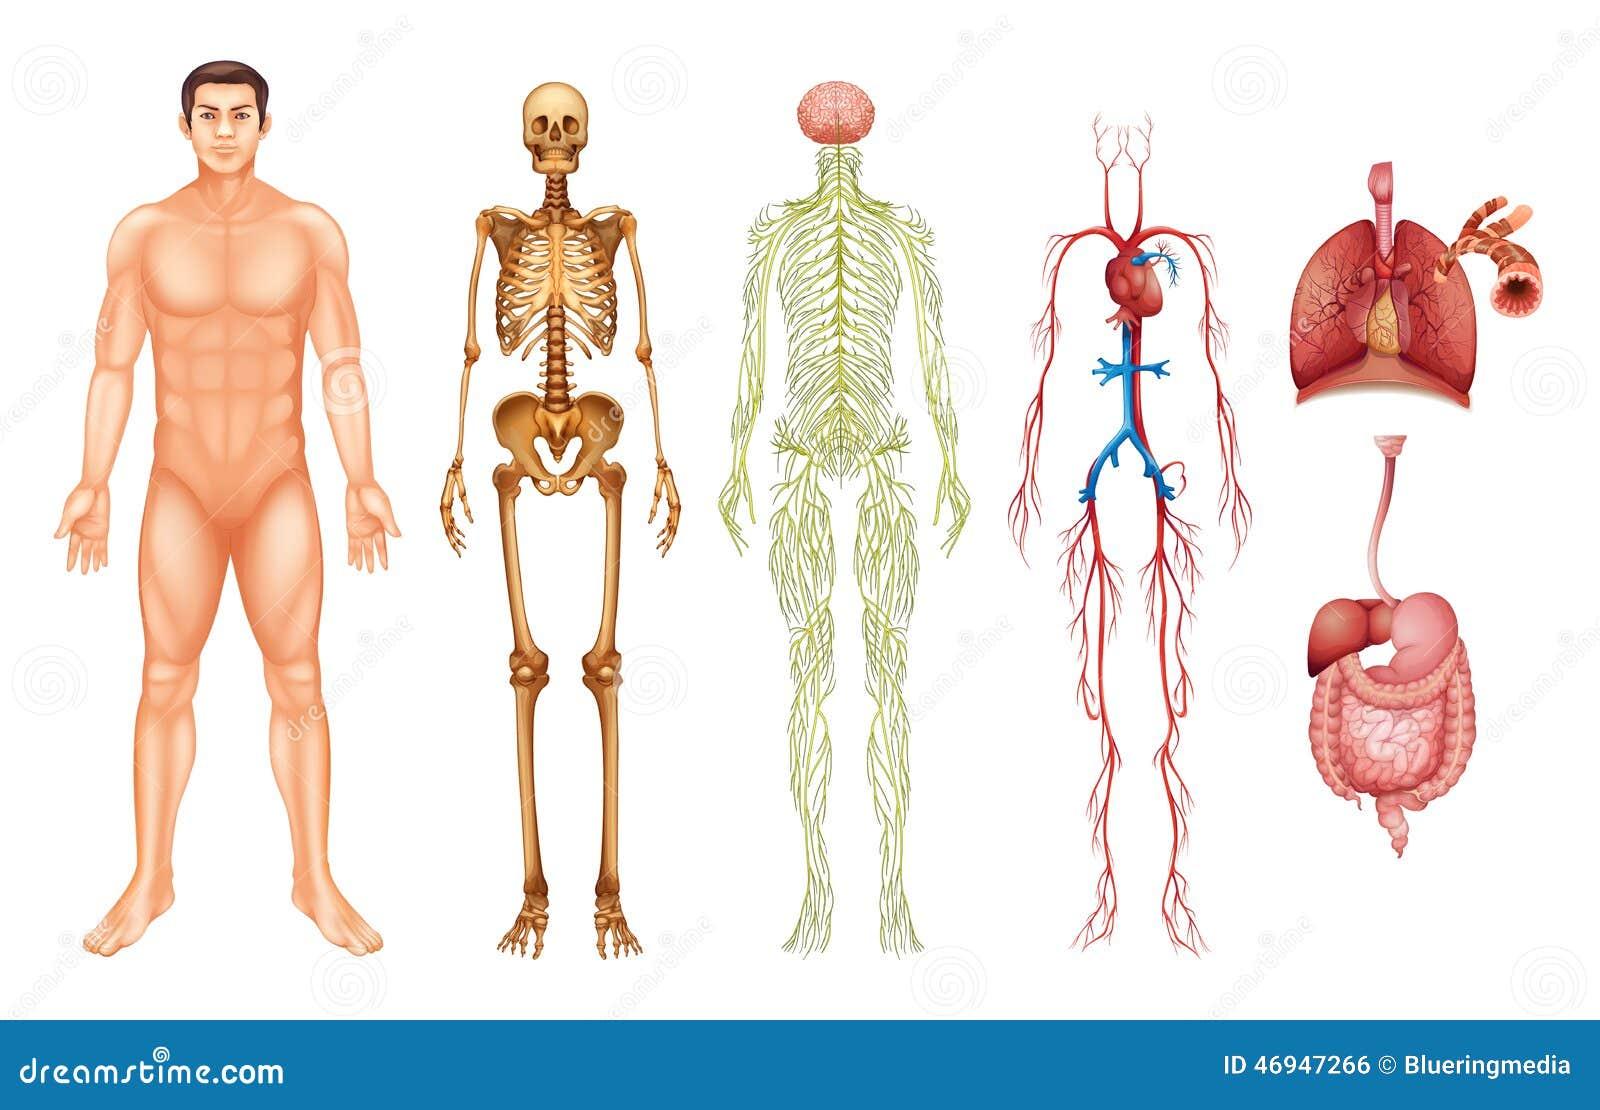 Sistemas del cuerpo humano ilustraci n del vector ilustraci n de m dico 46947266 - Interior cuerpo humano organos ...